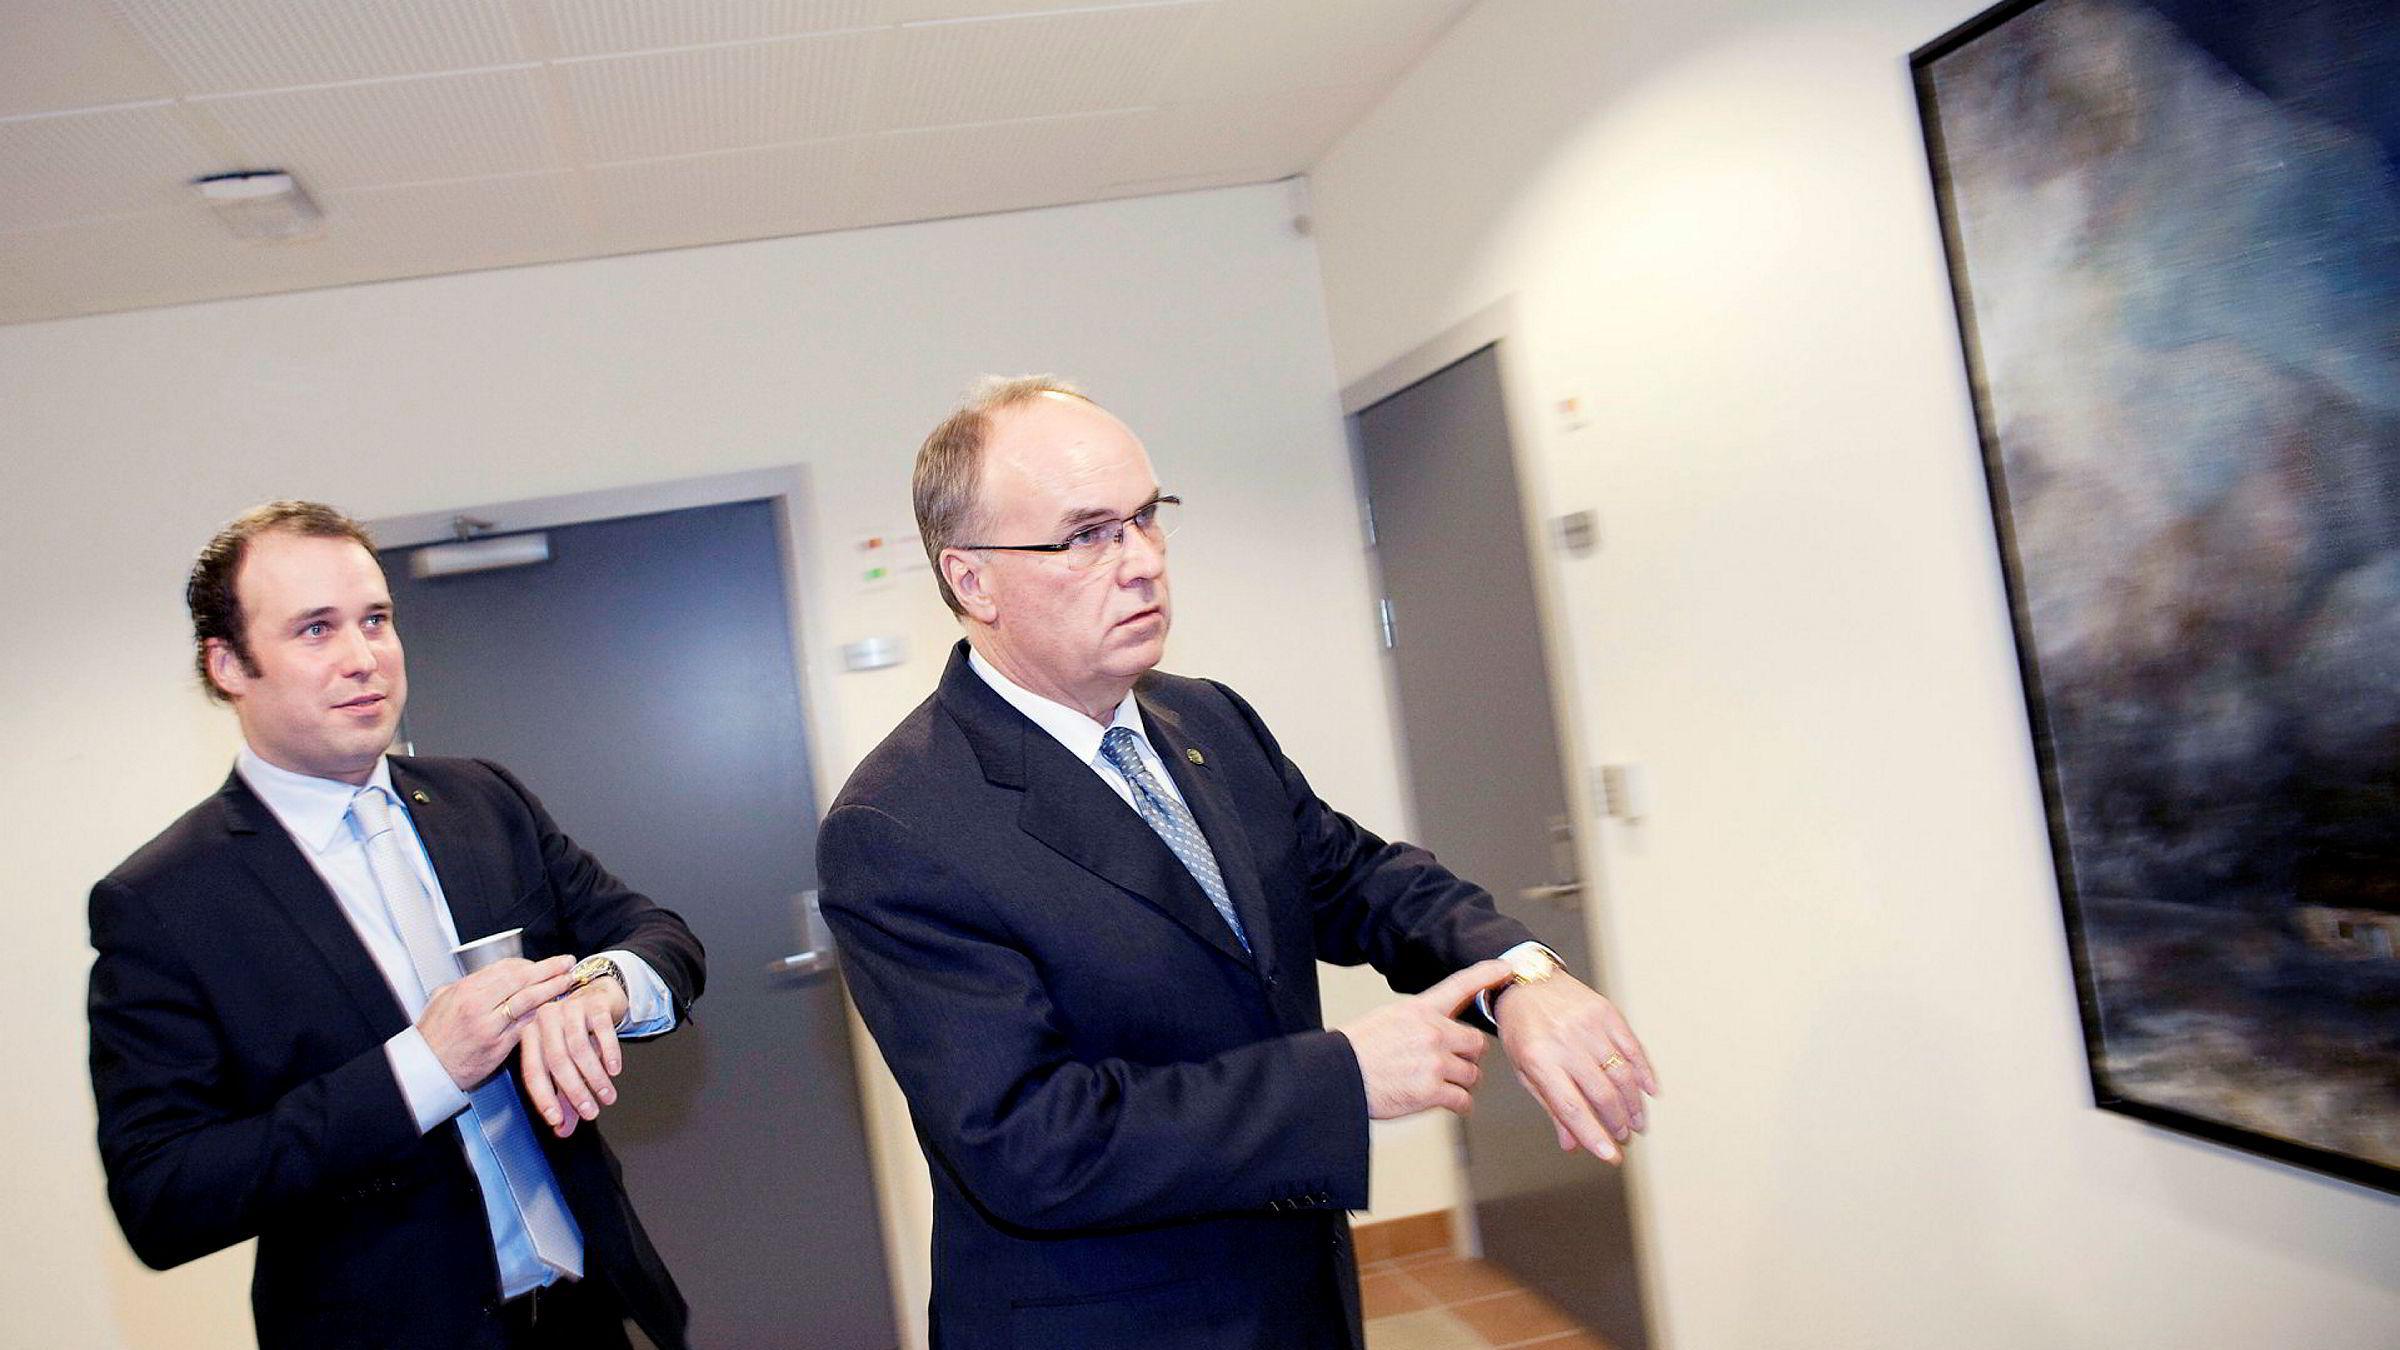 Administrerende direktør Johan Martin Ugland (til venstre) og far og eier Johan Benad Ugland mer enn tredoblet overskuddet i J.B. Ugland-konsernet i fjor – og firedoblet utbyttet.